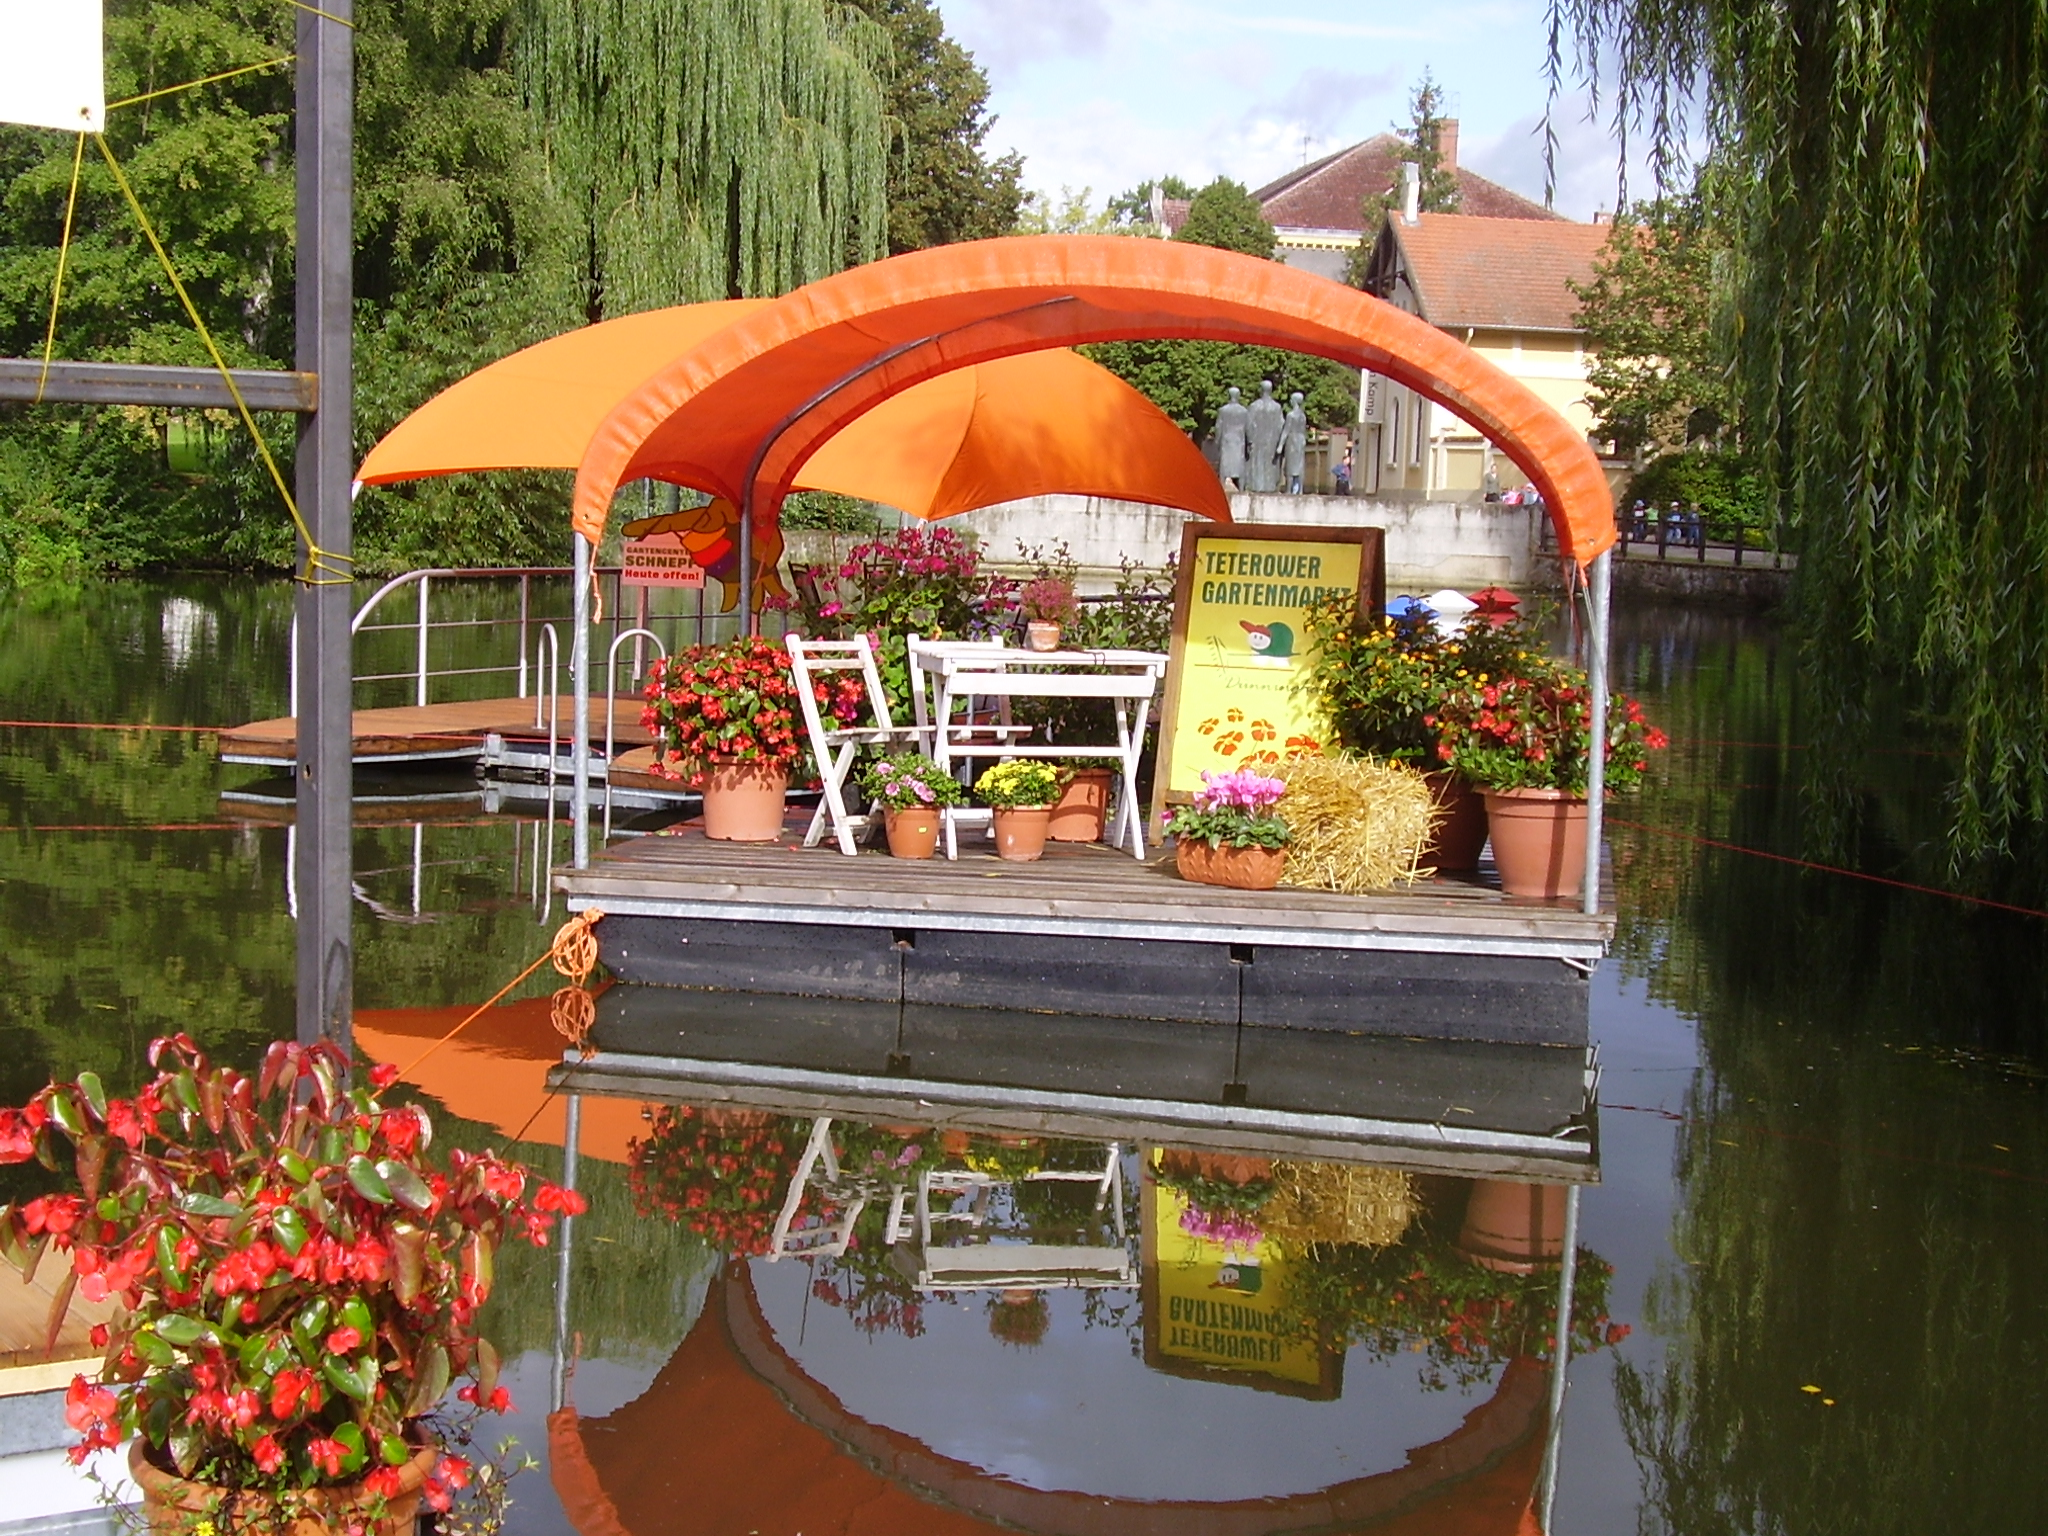 Eine im Wasser treibende Schwimminsel mit Sonnenschutz auf dem Blumen ausgestellt sind